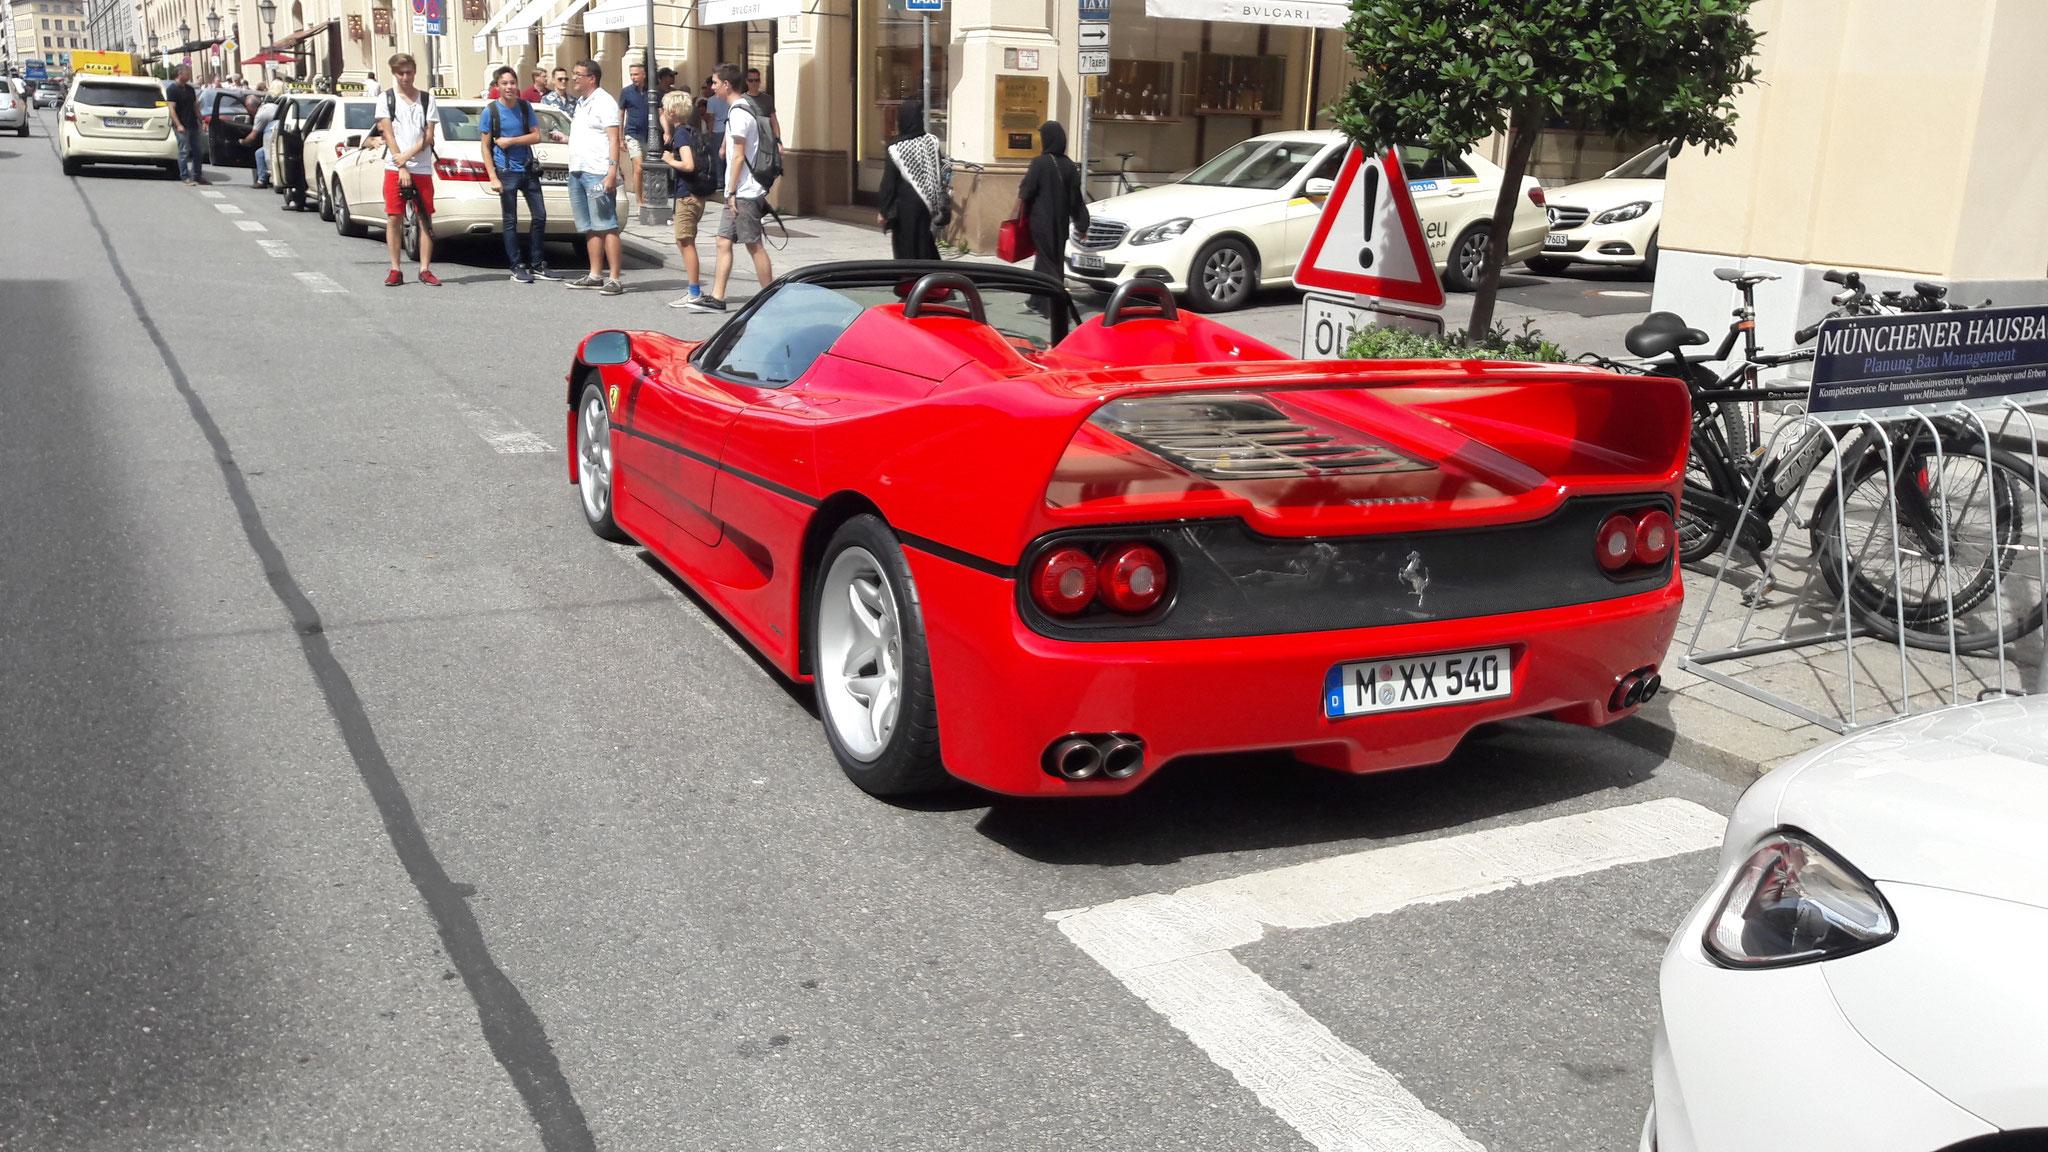 Ferrari F50 - M-XX-540